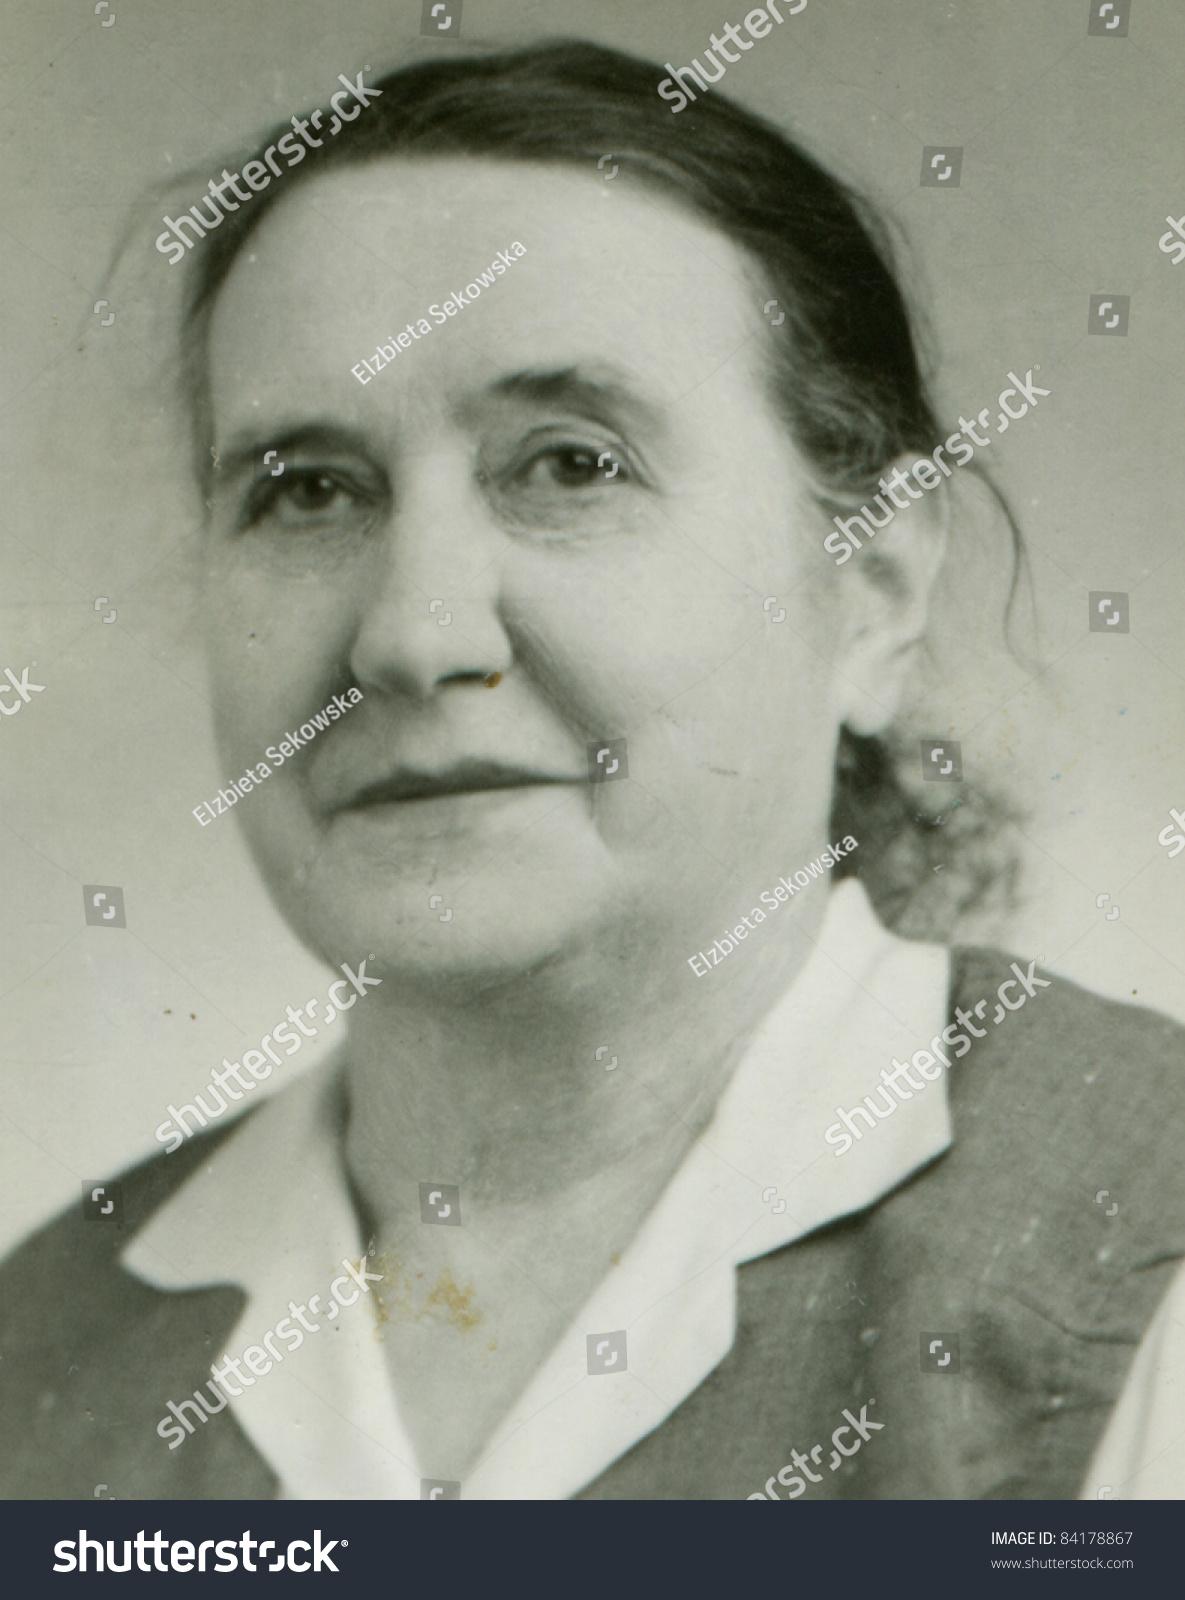 Mature vintage facial